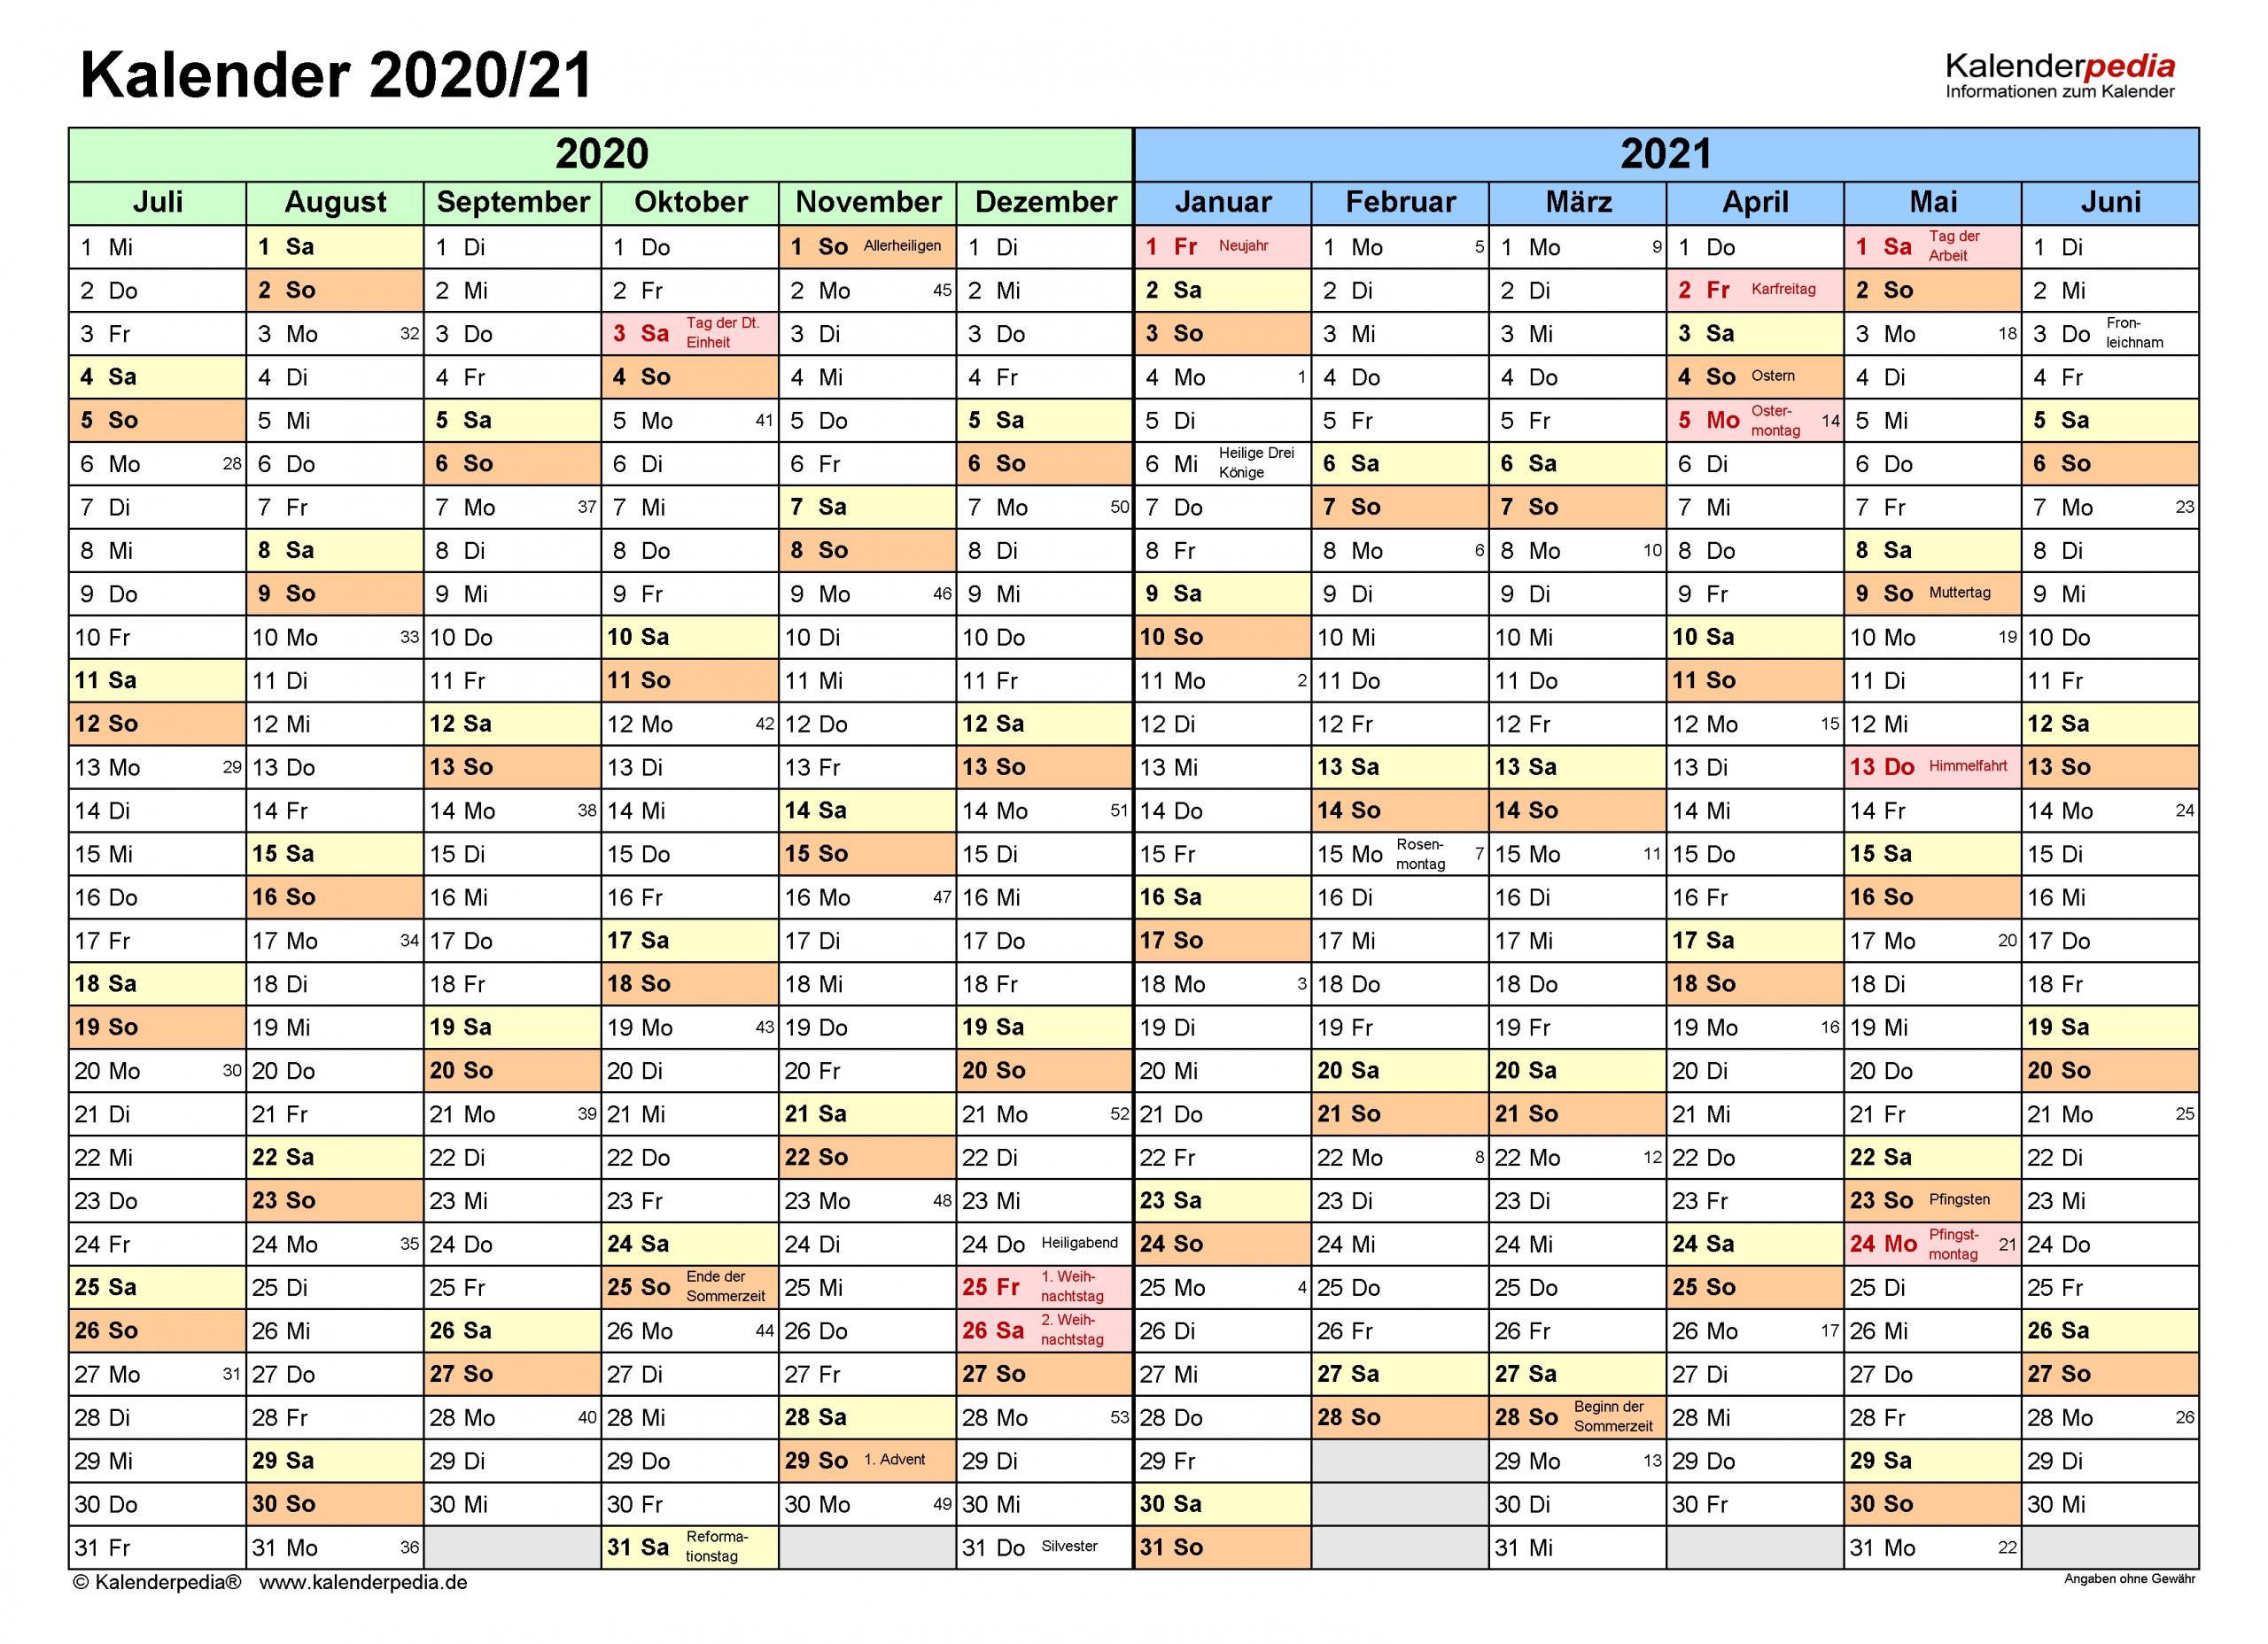 Collect Kalender 2021 Ab Juli